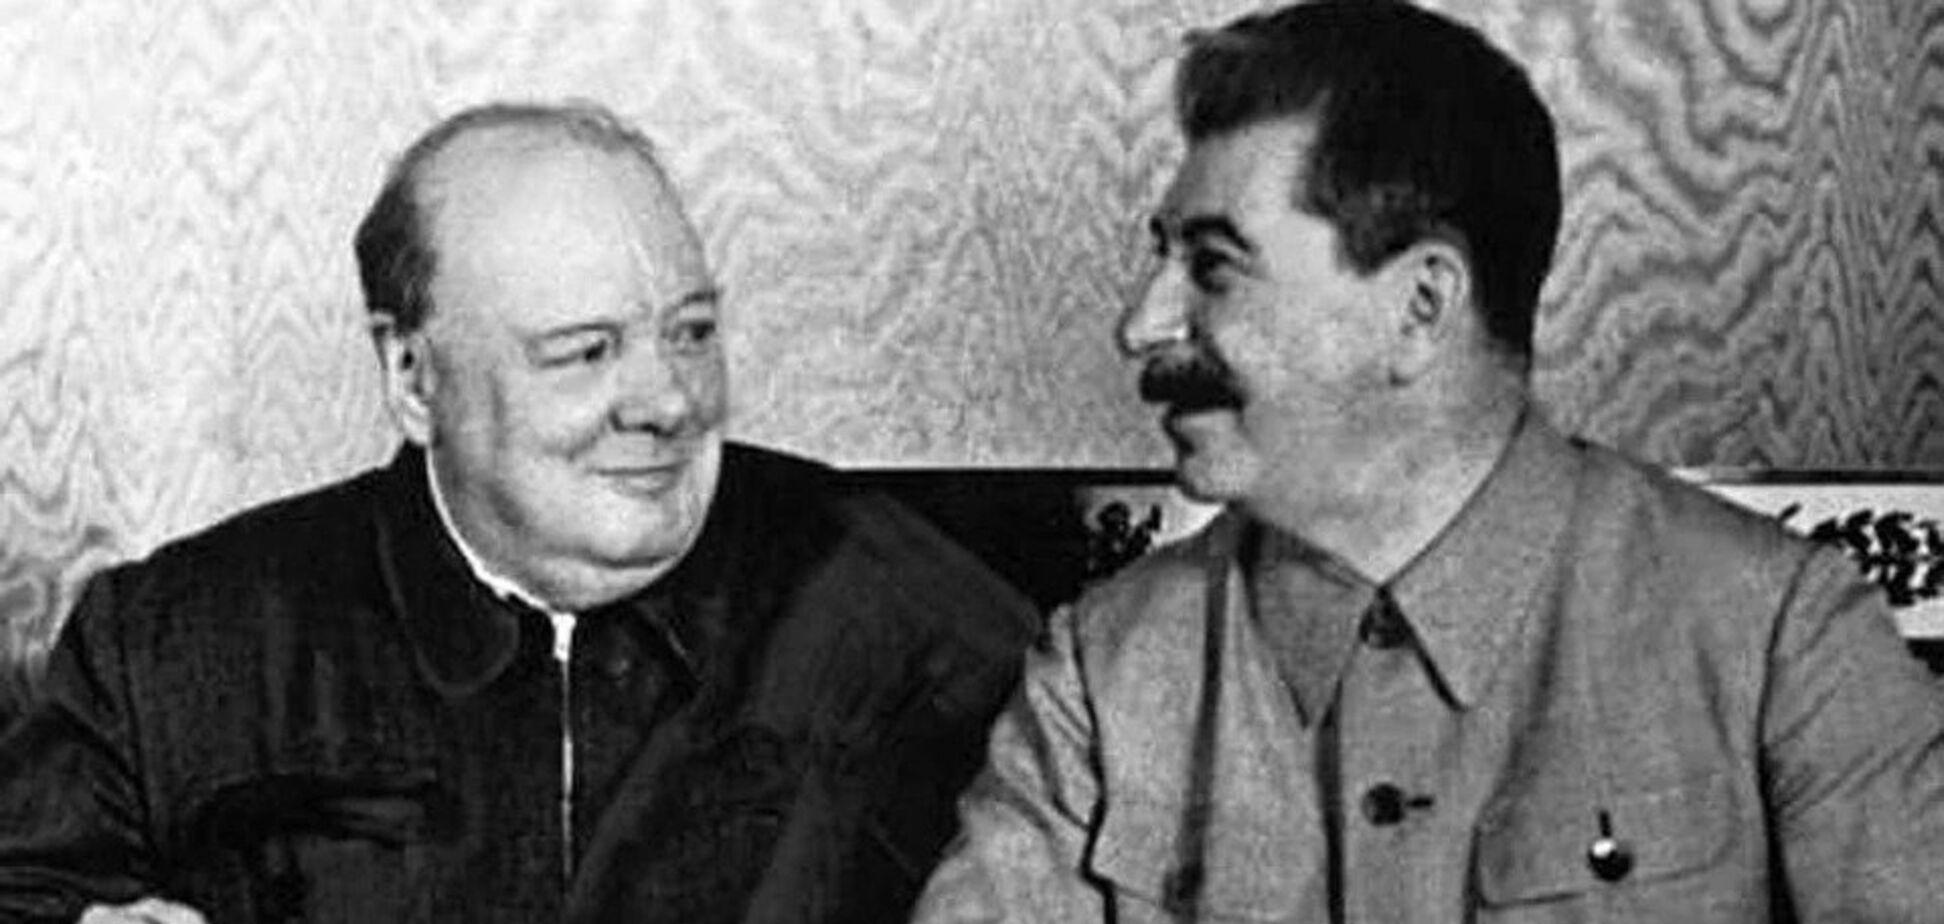 Росія розсекретила таємну розмову Сталіна і Черчілля: про що йдеться